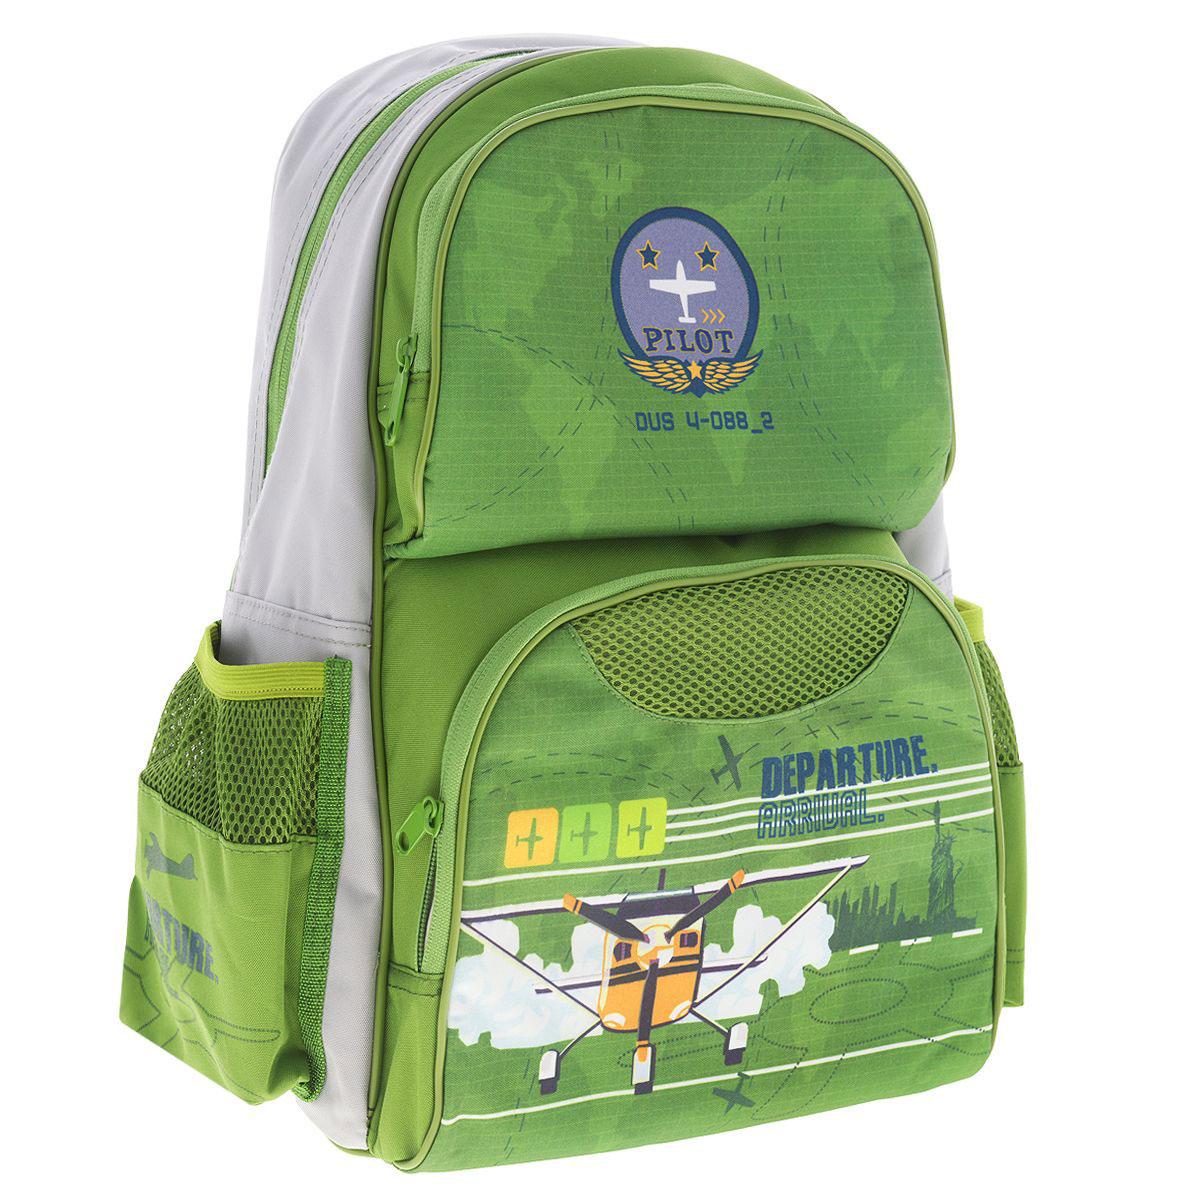 Рюкзак школьный Tiger Enterprise My Collection, цвет: зеленый, серый2904/TGСтильный школьный рюкзак My Collection небольшого размера - это красивый и удобный ранец, который подойдет всем, кто хочет разнообразить свои школьные будни. Благодаря анатомической спинке, повторяющей контур спины и двум эргономичным плечевым ремням, длина которых регулируется, у ребенка не возникнут проблемы с позвоночником. Ранец, выполненный из антибактериального, водоотталкивающего и не выгорающего на солнце материала, оформлен изображением самолета. Ранец состоит из одного основного отделения, закрывающегося на застежку-молнию. Внутри - накладной открытый карман. На внешней стороне рюкзак имеет два дополнительных кармана на застежке-молнии. По бокам рюкзак имеет два сетчатых кармана. Также есть текстильная ручка, с прорезиненной вставкой, для удобной переноски.